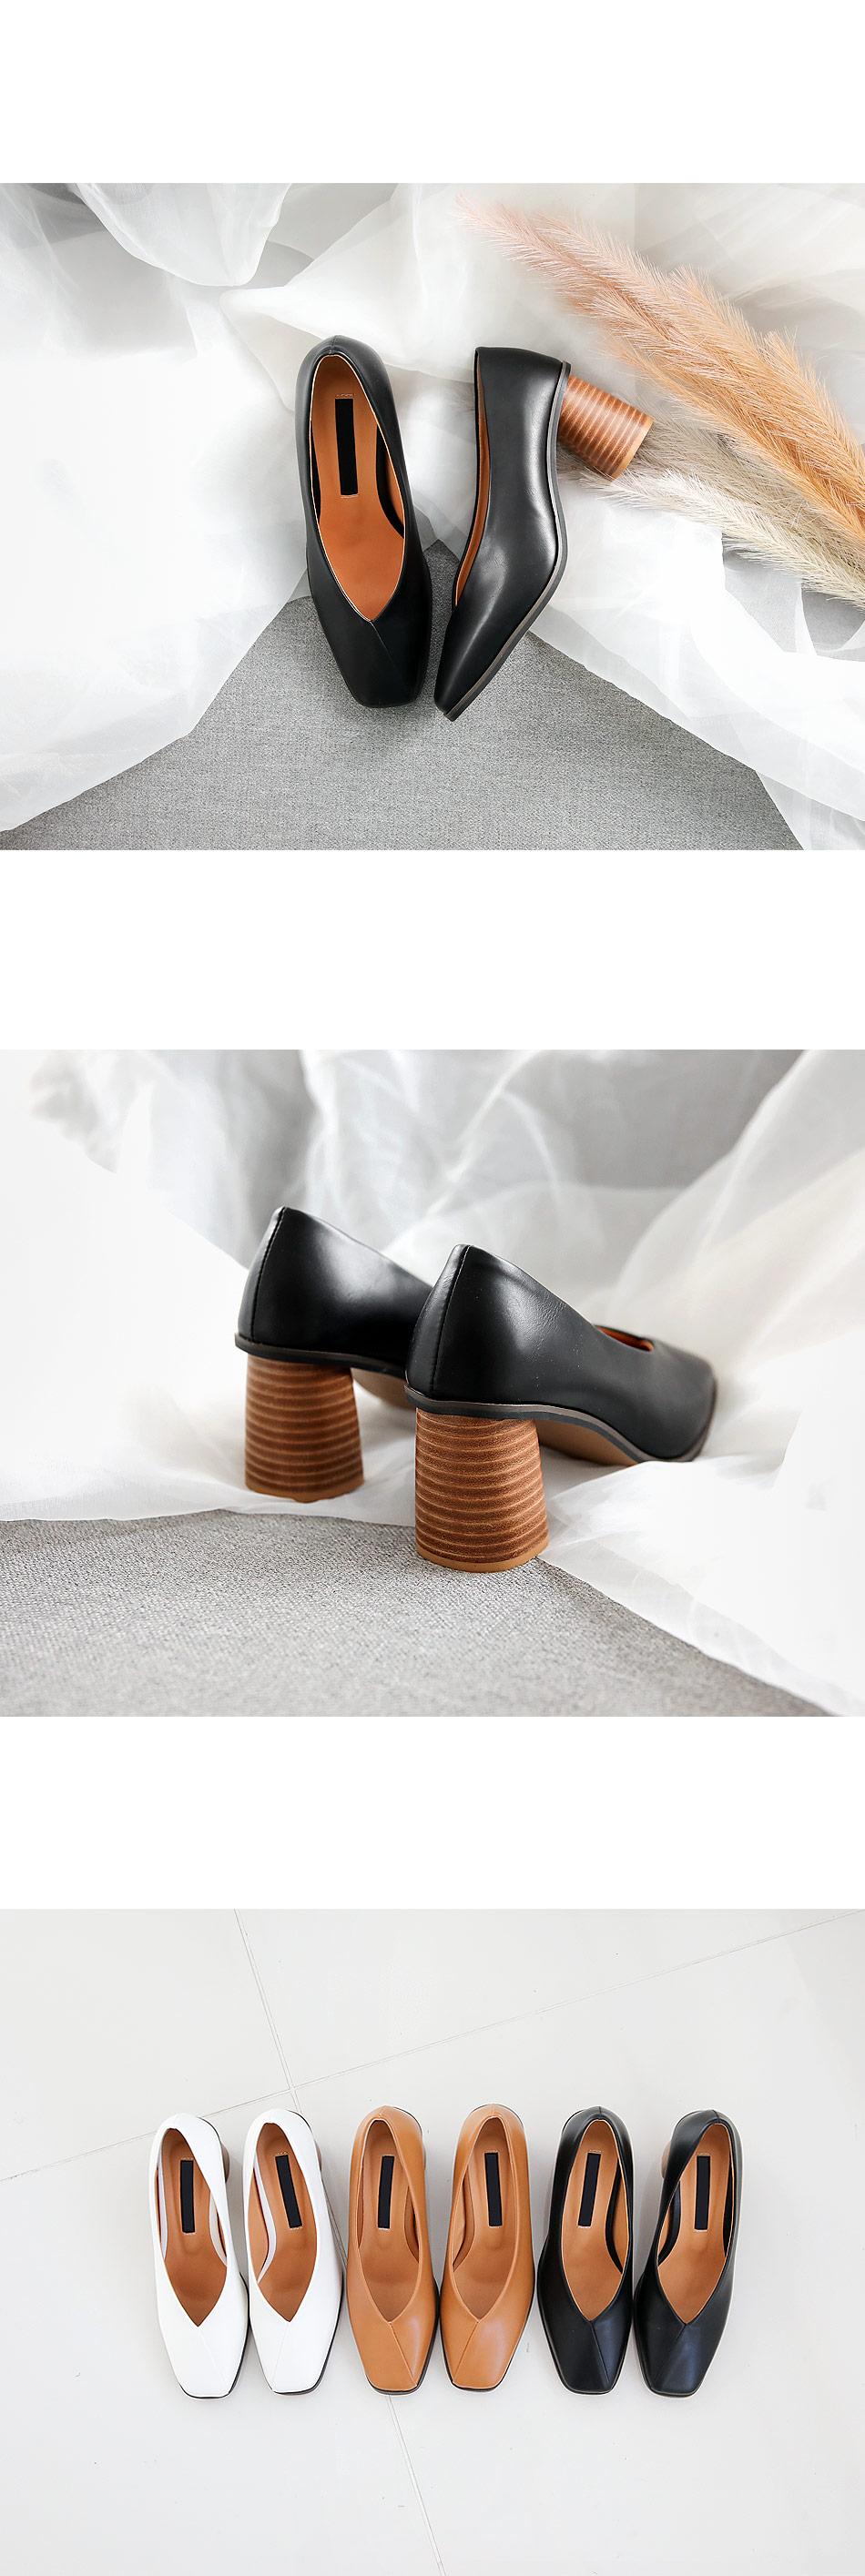 Letterton High Heels Pumps 7cm